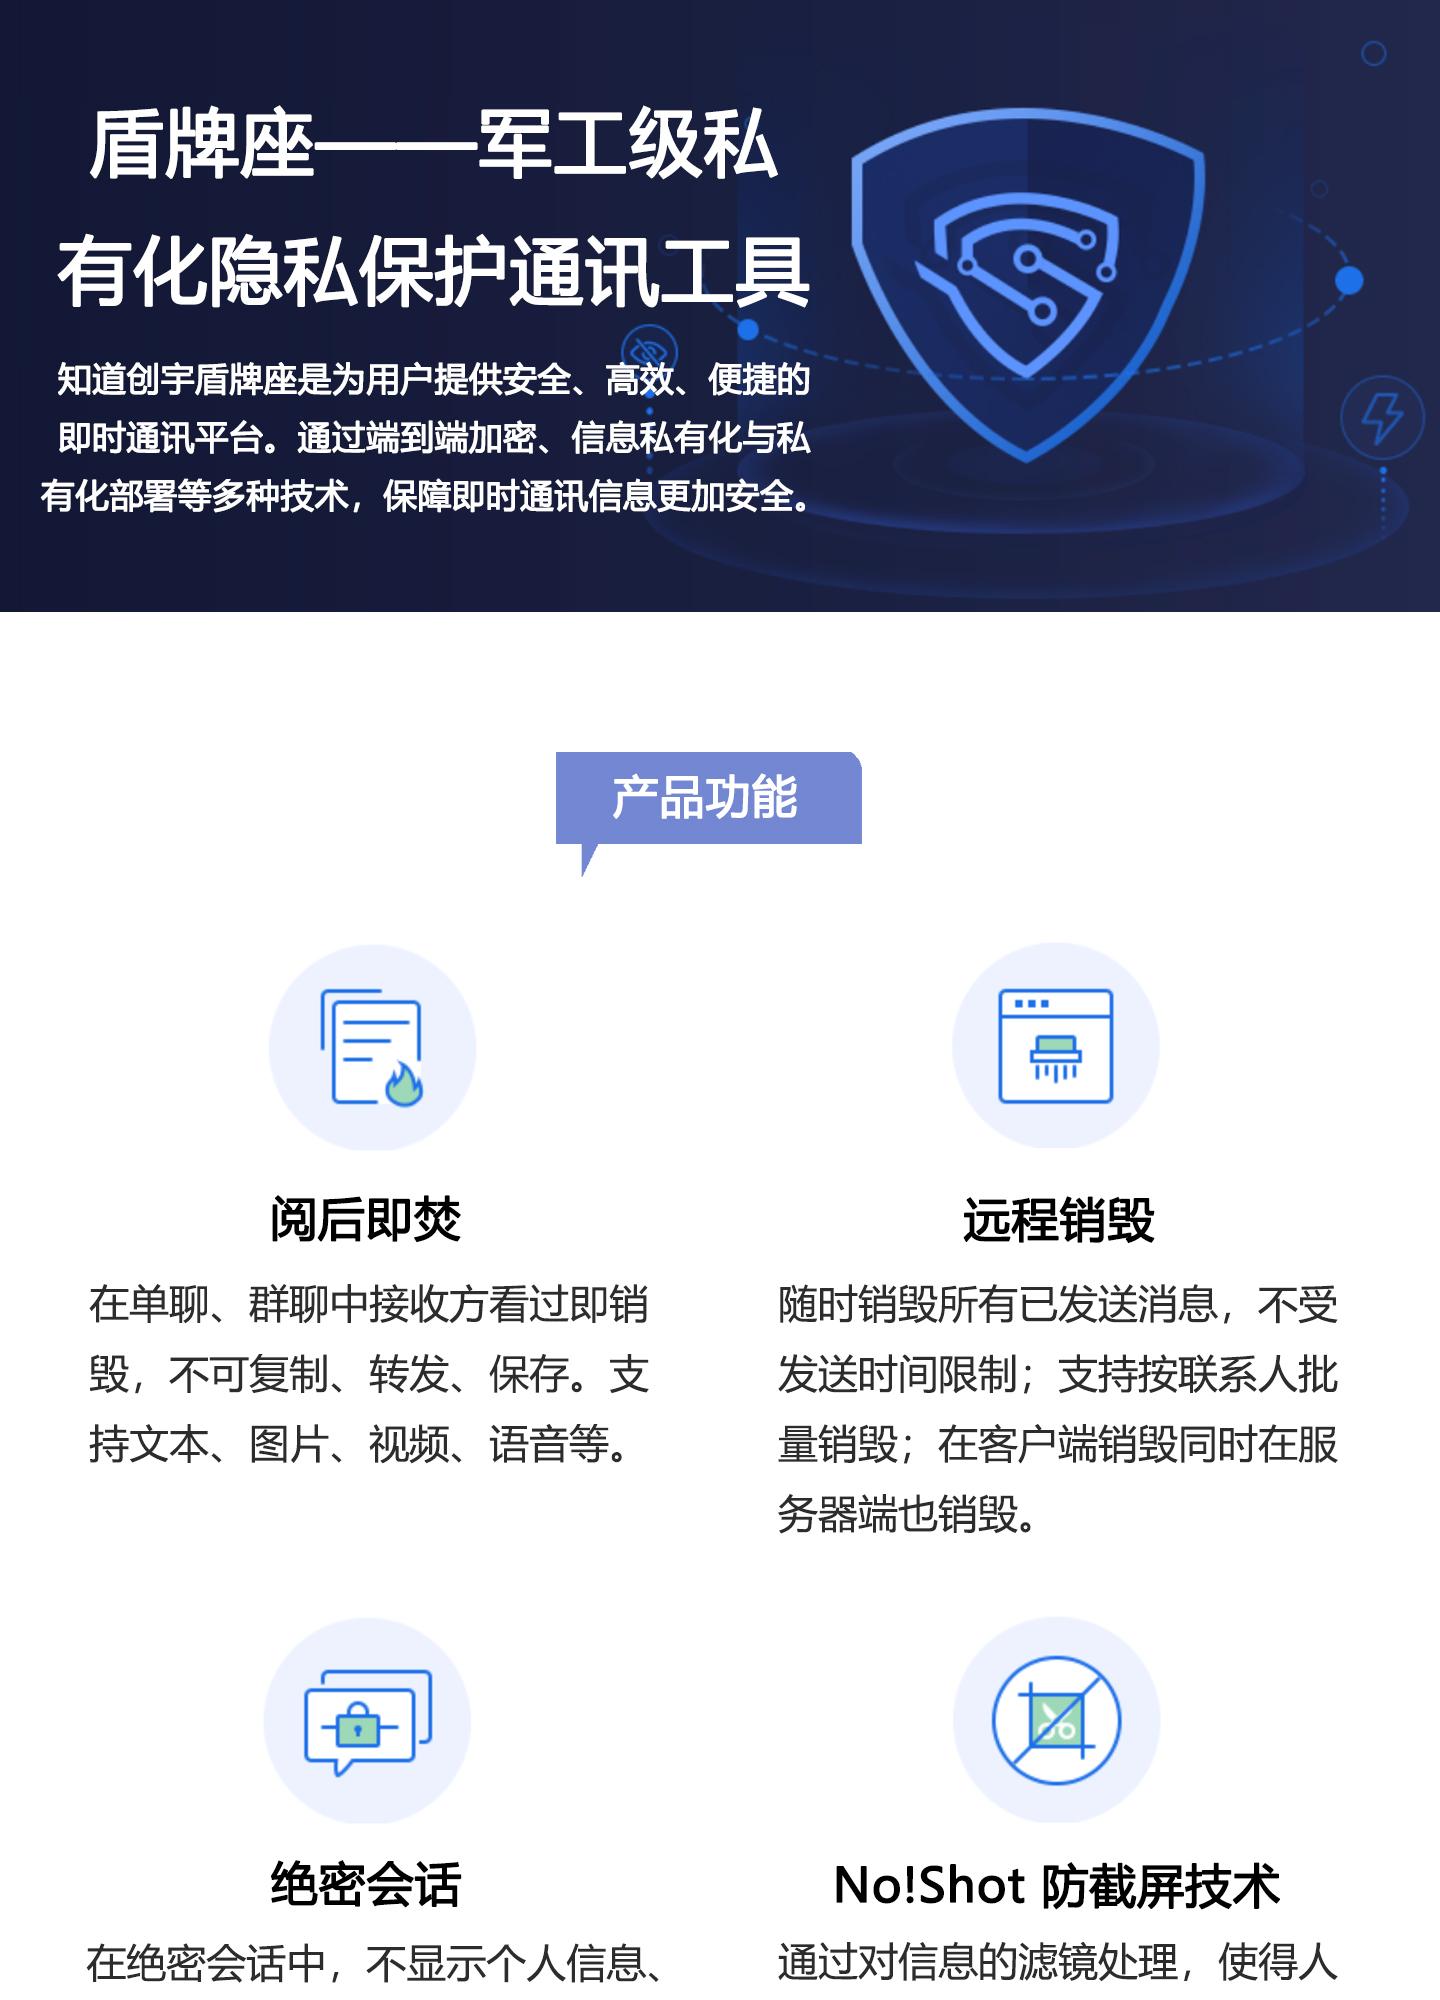 盾牌座——军工级私有化隐私保护通讯工具1440_01.jpg